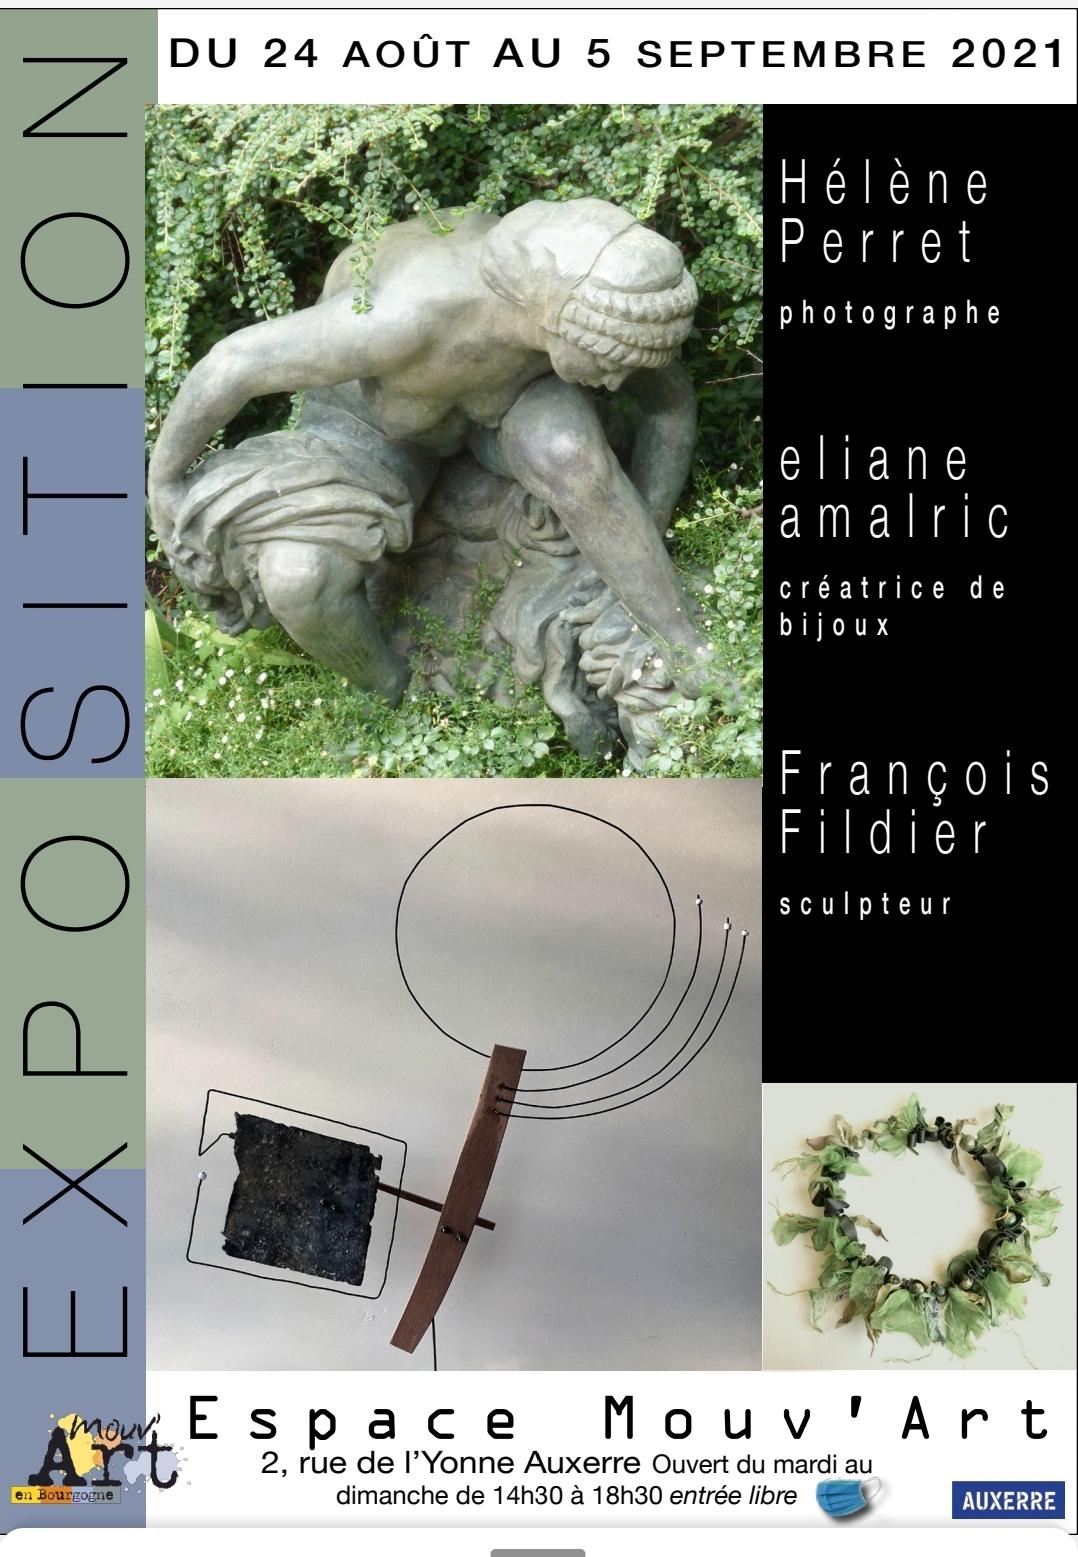 Hélène Perret / elaine amalric / François Fildier